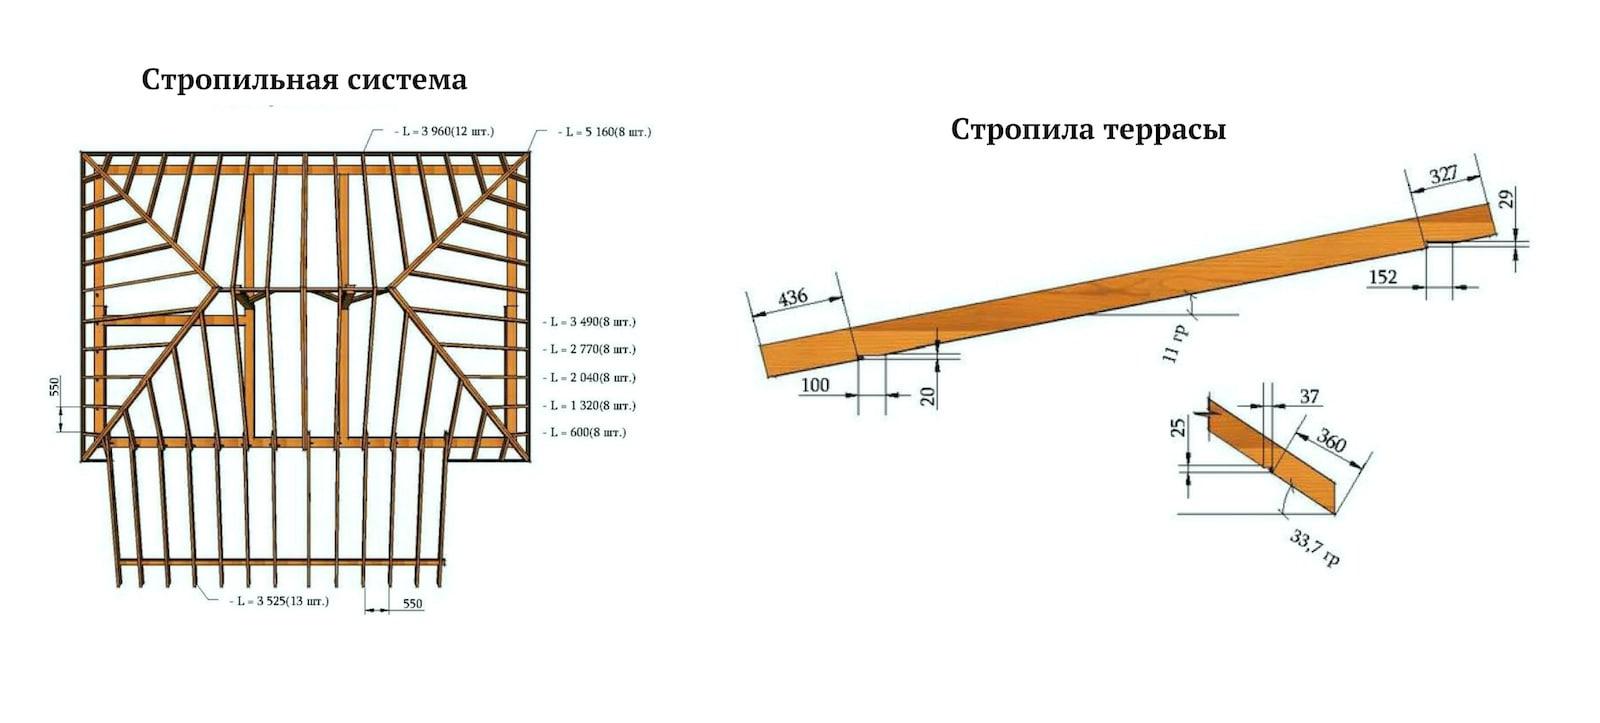 Схема стропильной системы вальмовой крыши с навесом для террасы